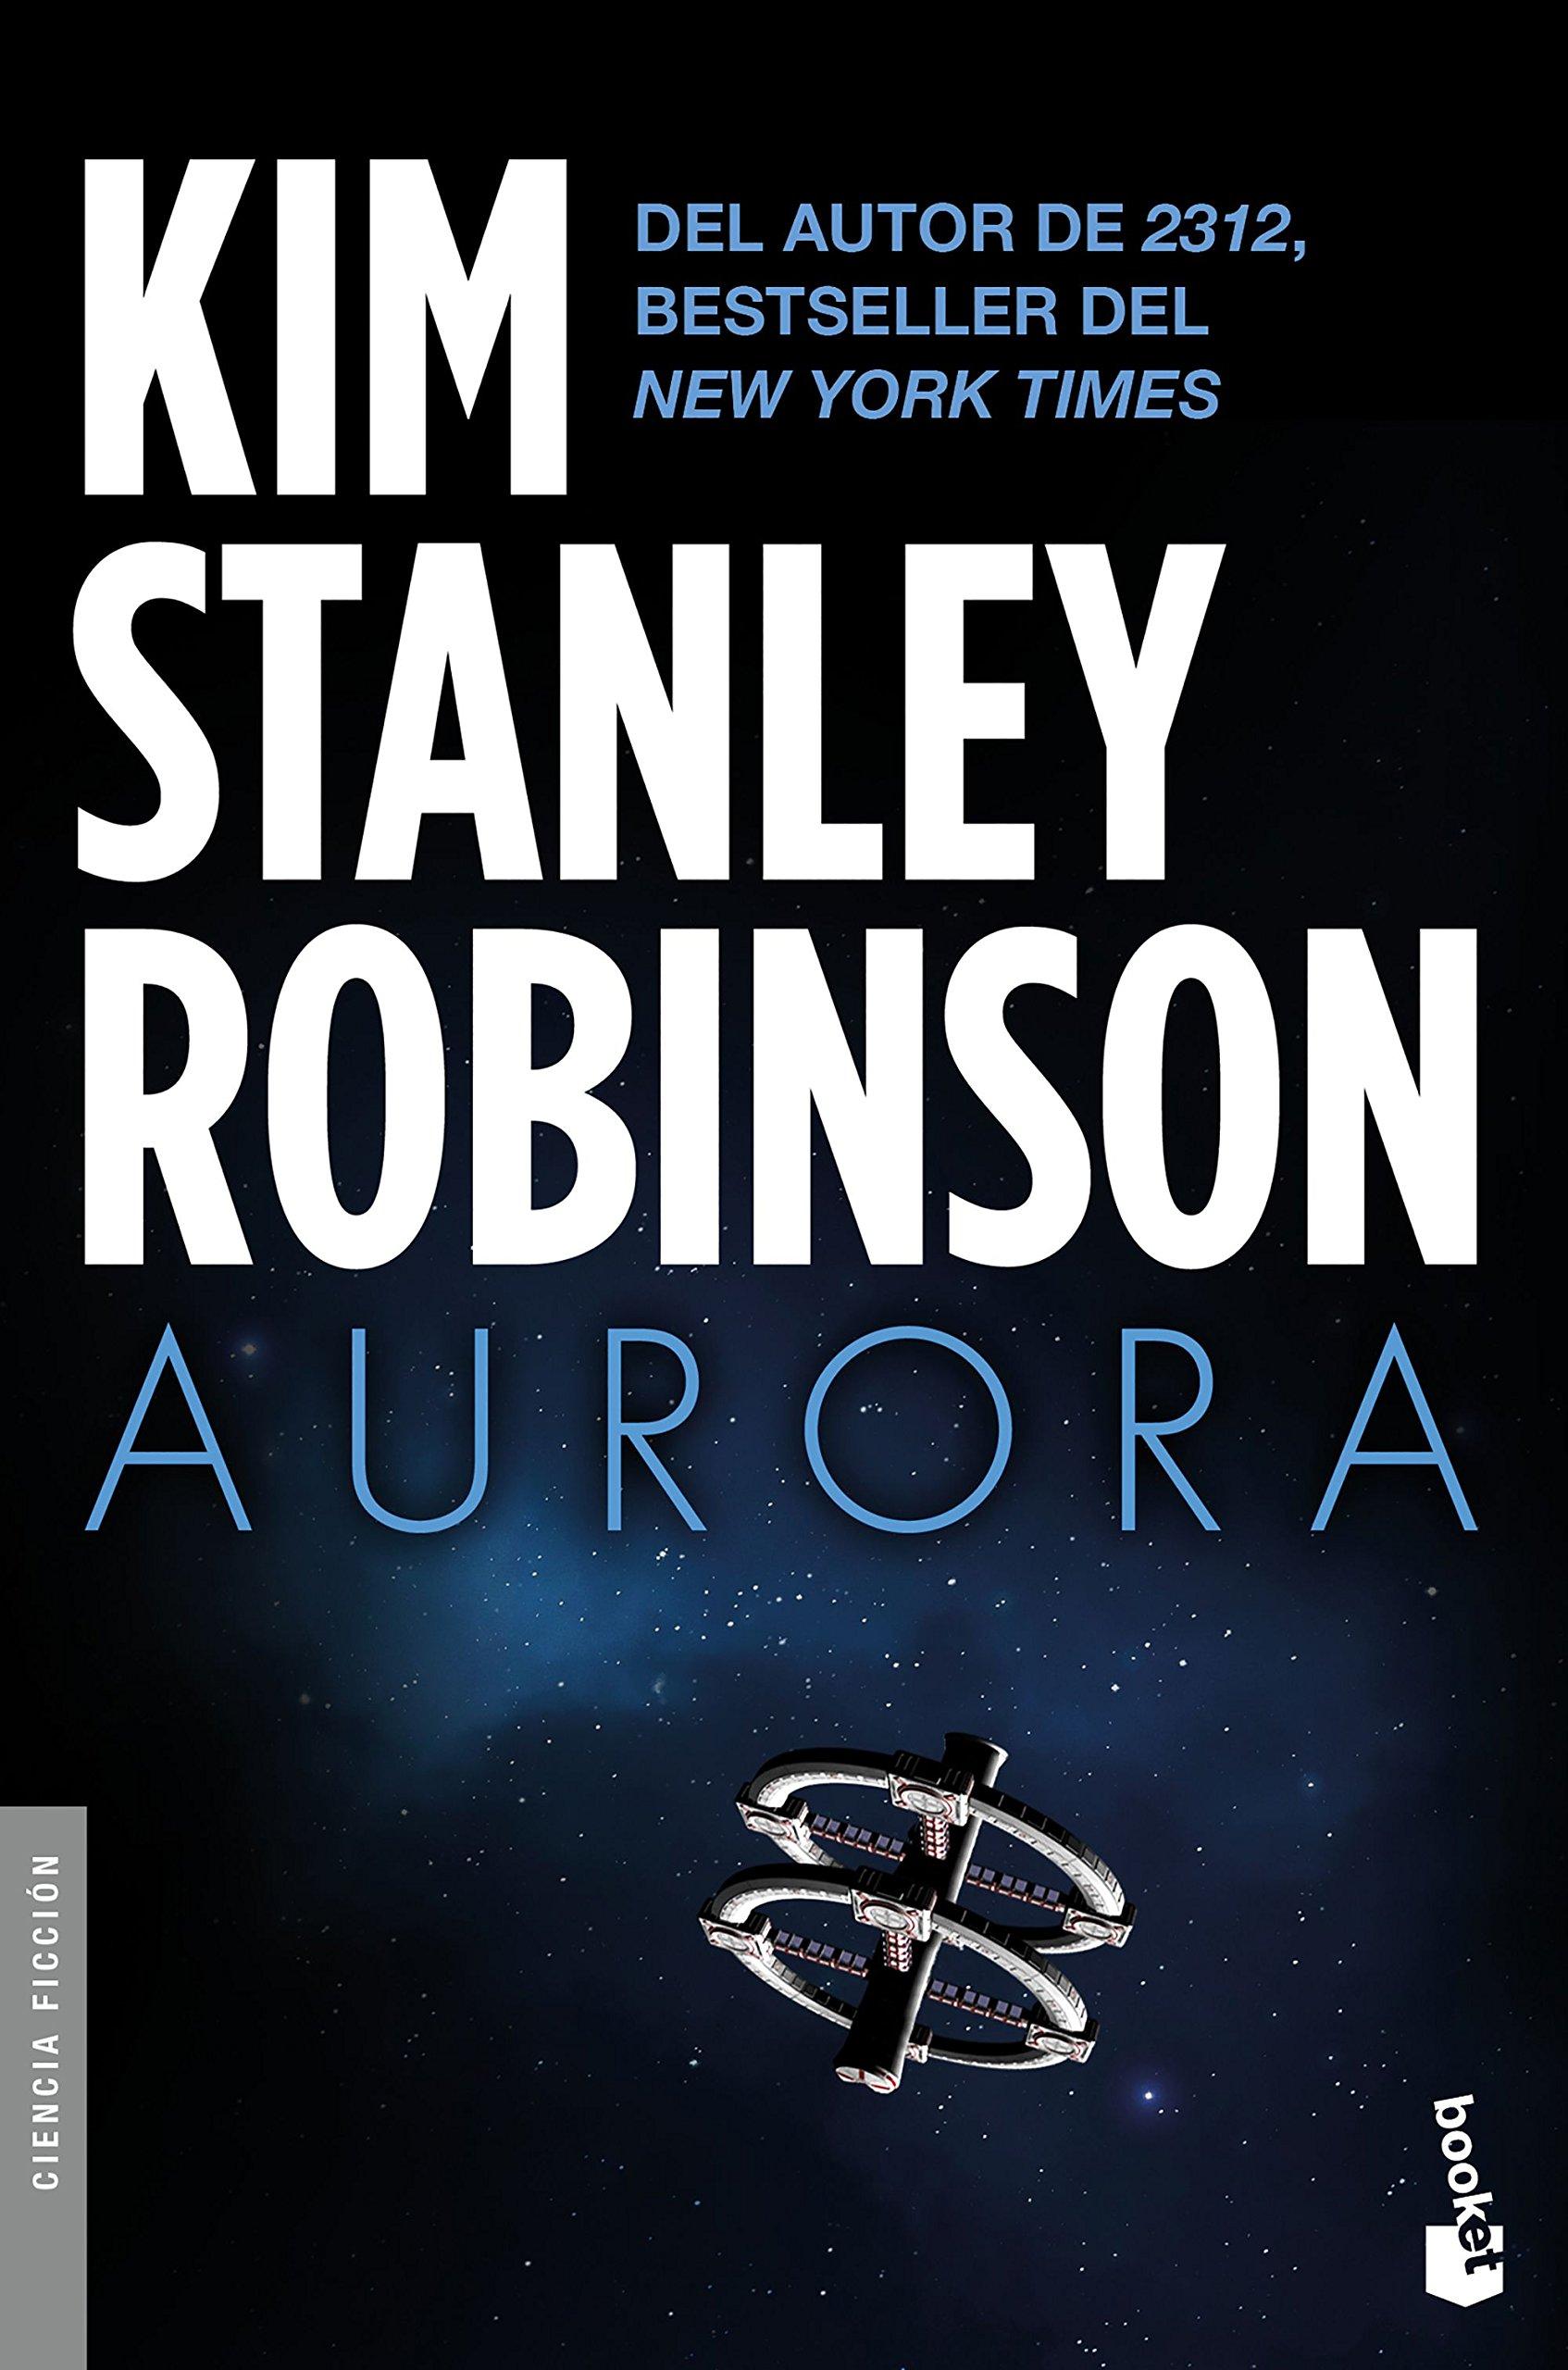 Aurora (Ciencia Ficción): Amazon.es: Kim Stanley Robinson, Miguel Antón: Libros